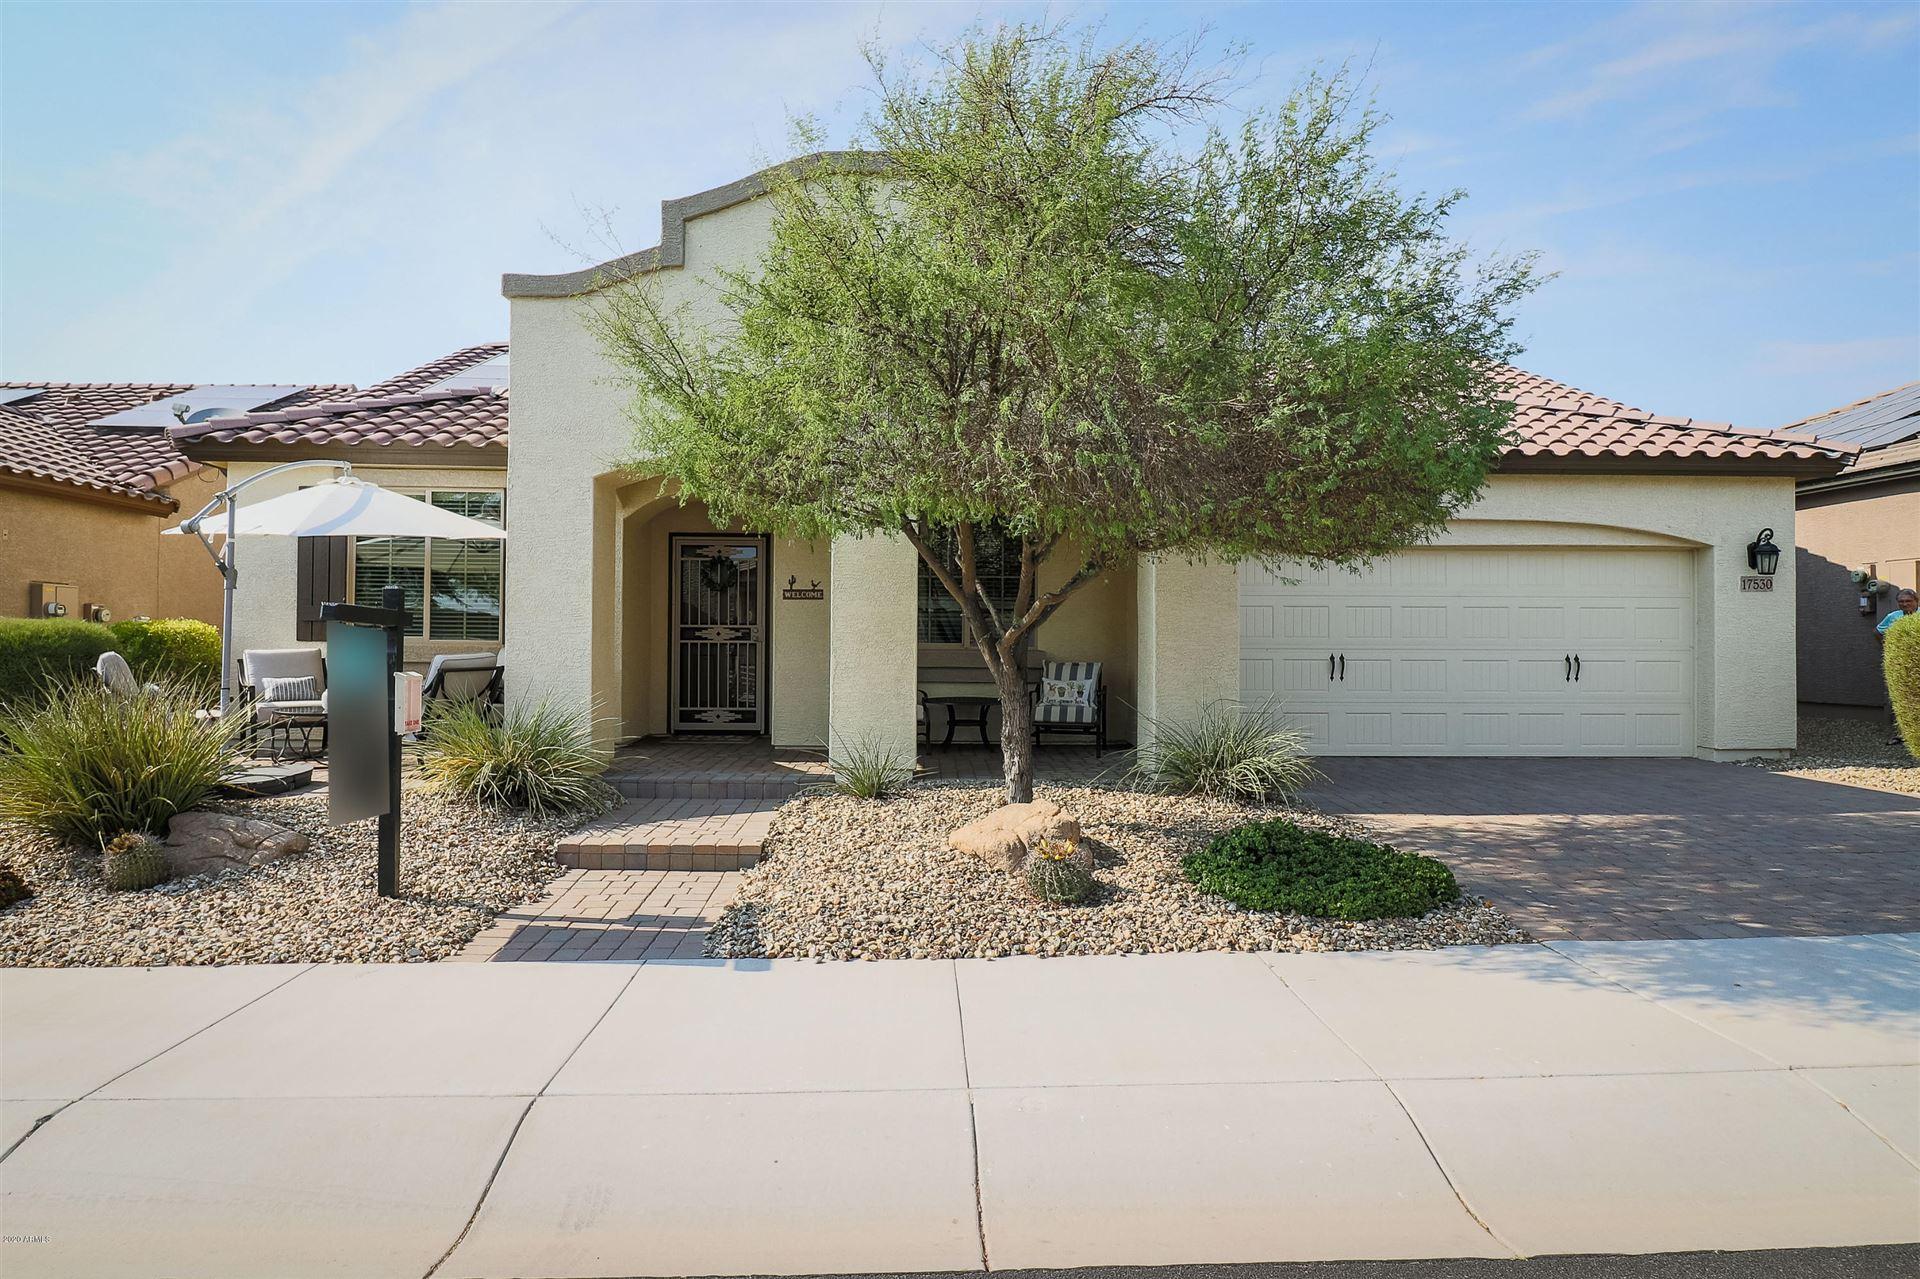 17530 W CEDARWOOD Lane, Goodyear, AZ 85338 - MLS#: 6121613